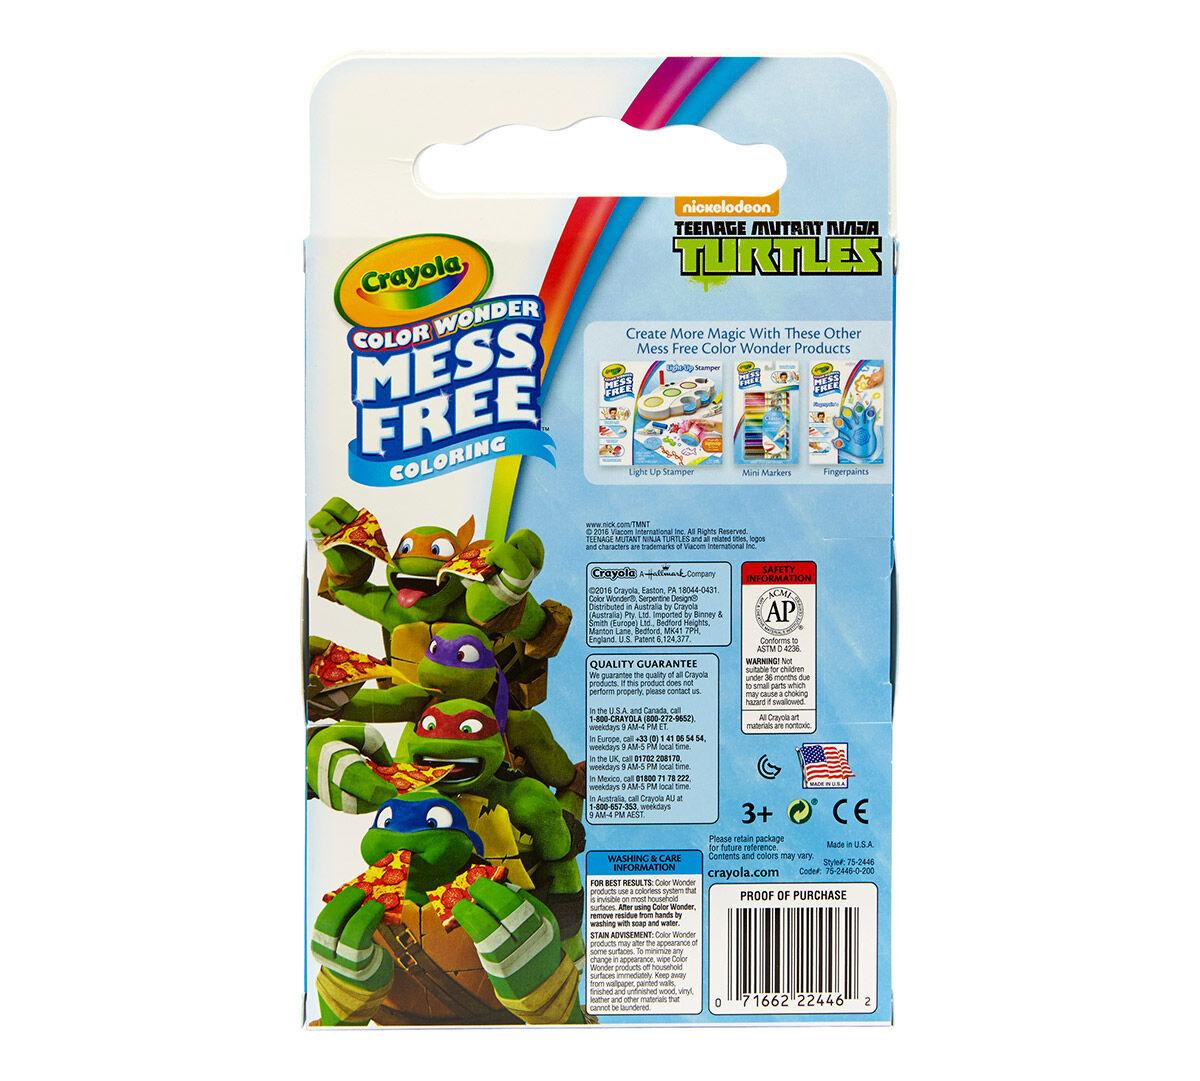 Color Wonder Teenage Mutant Ninja Turtle Crayola